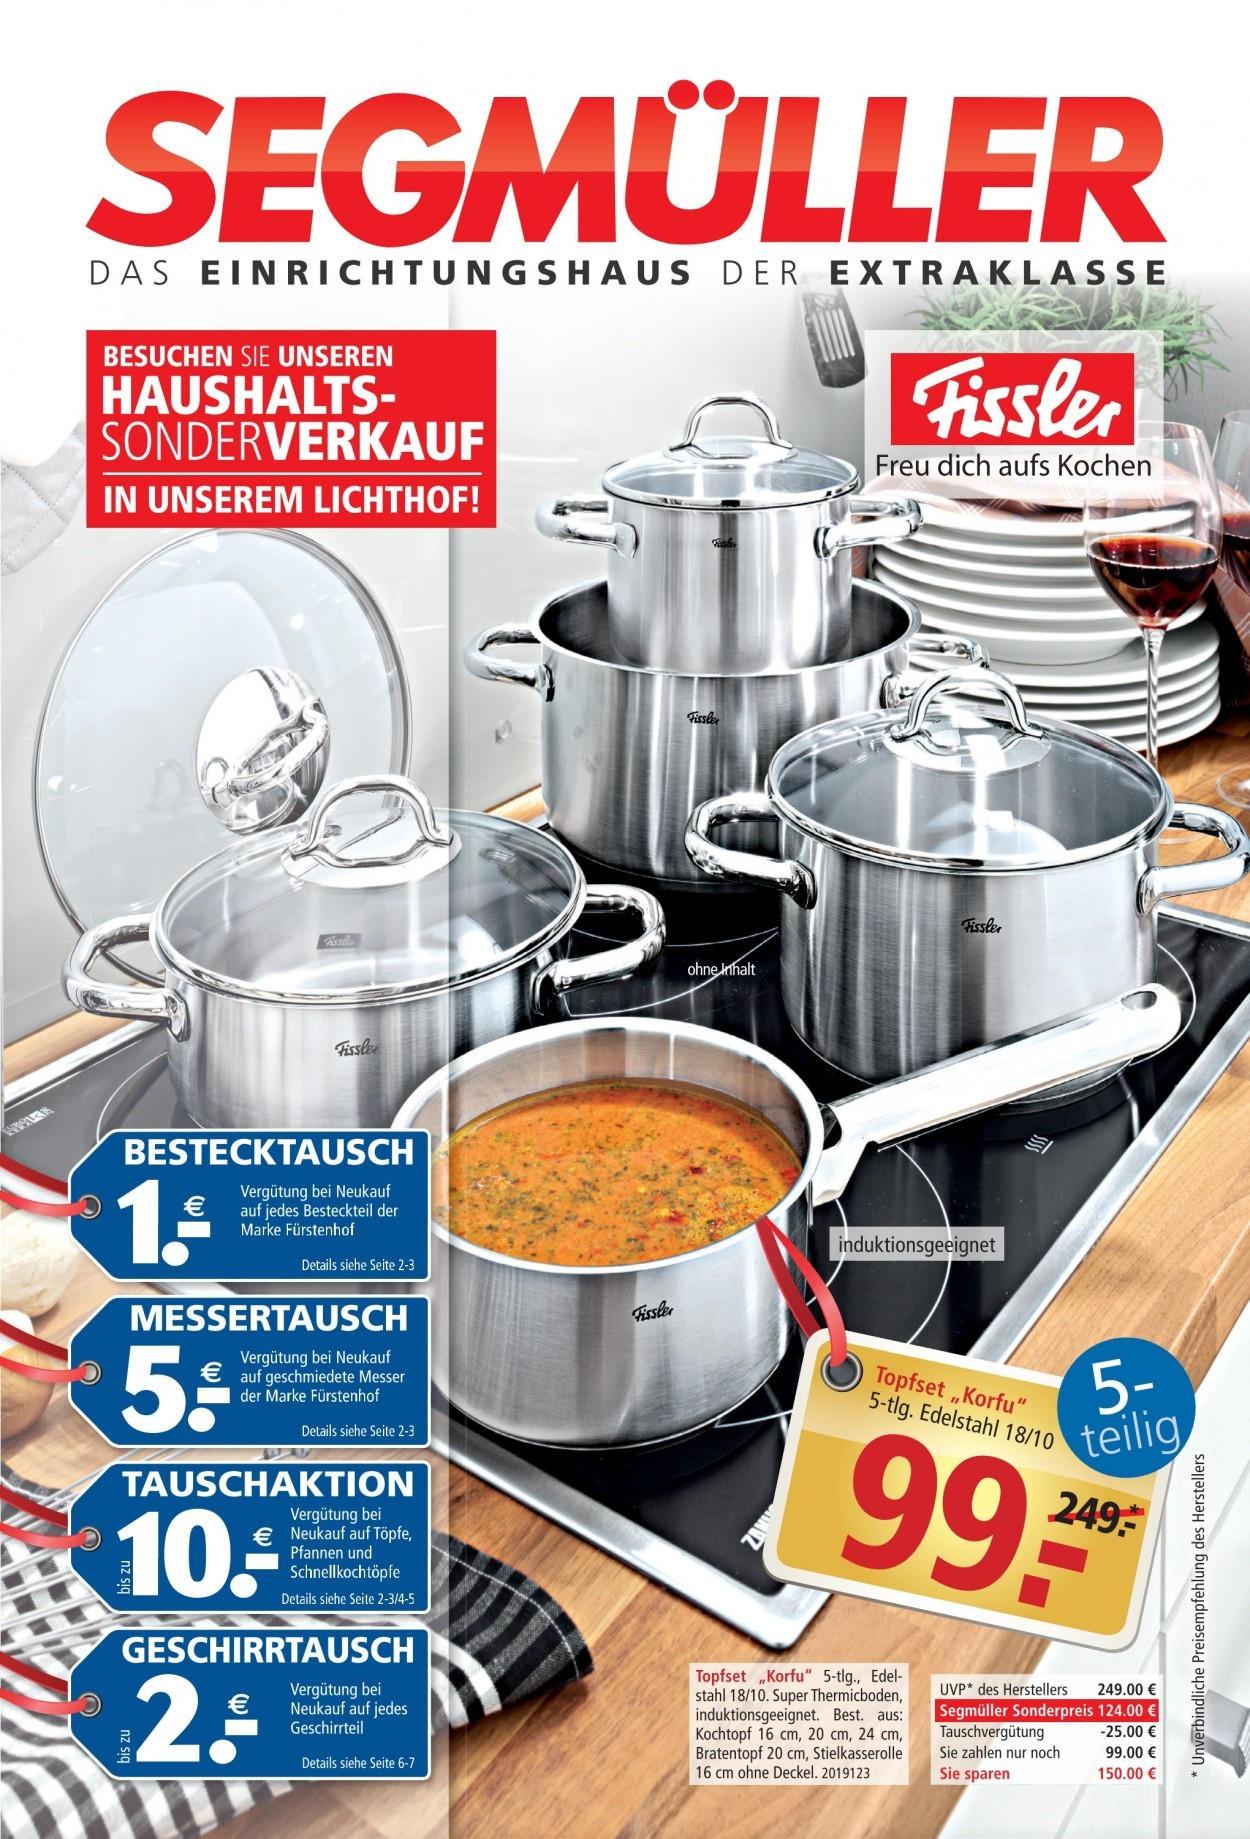 Küchen Bei Höffner esseryaad.info Finden Sie Tausende von Ideen ...